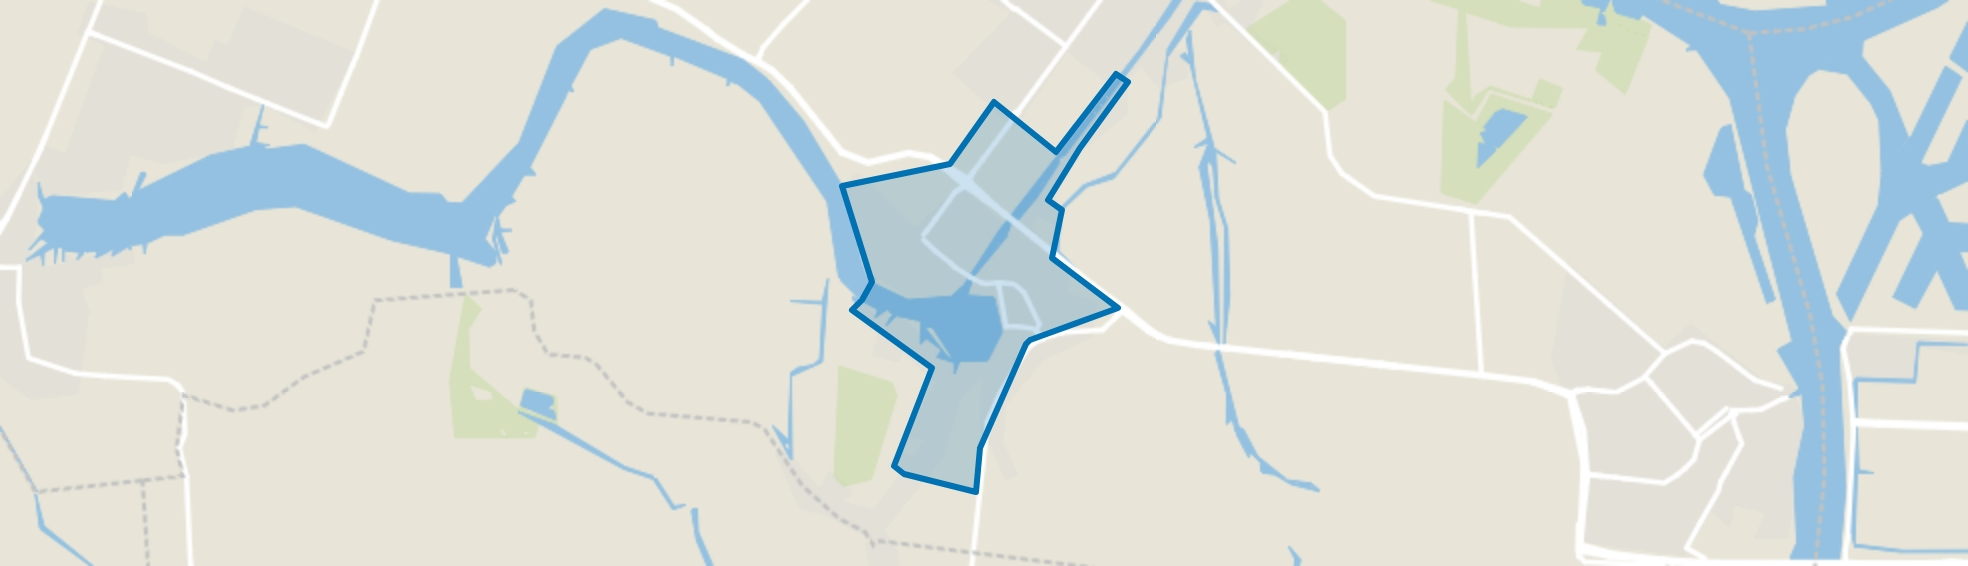 Maasdam Woonkern, Maasdam map